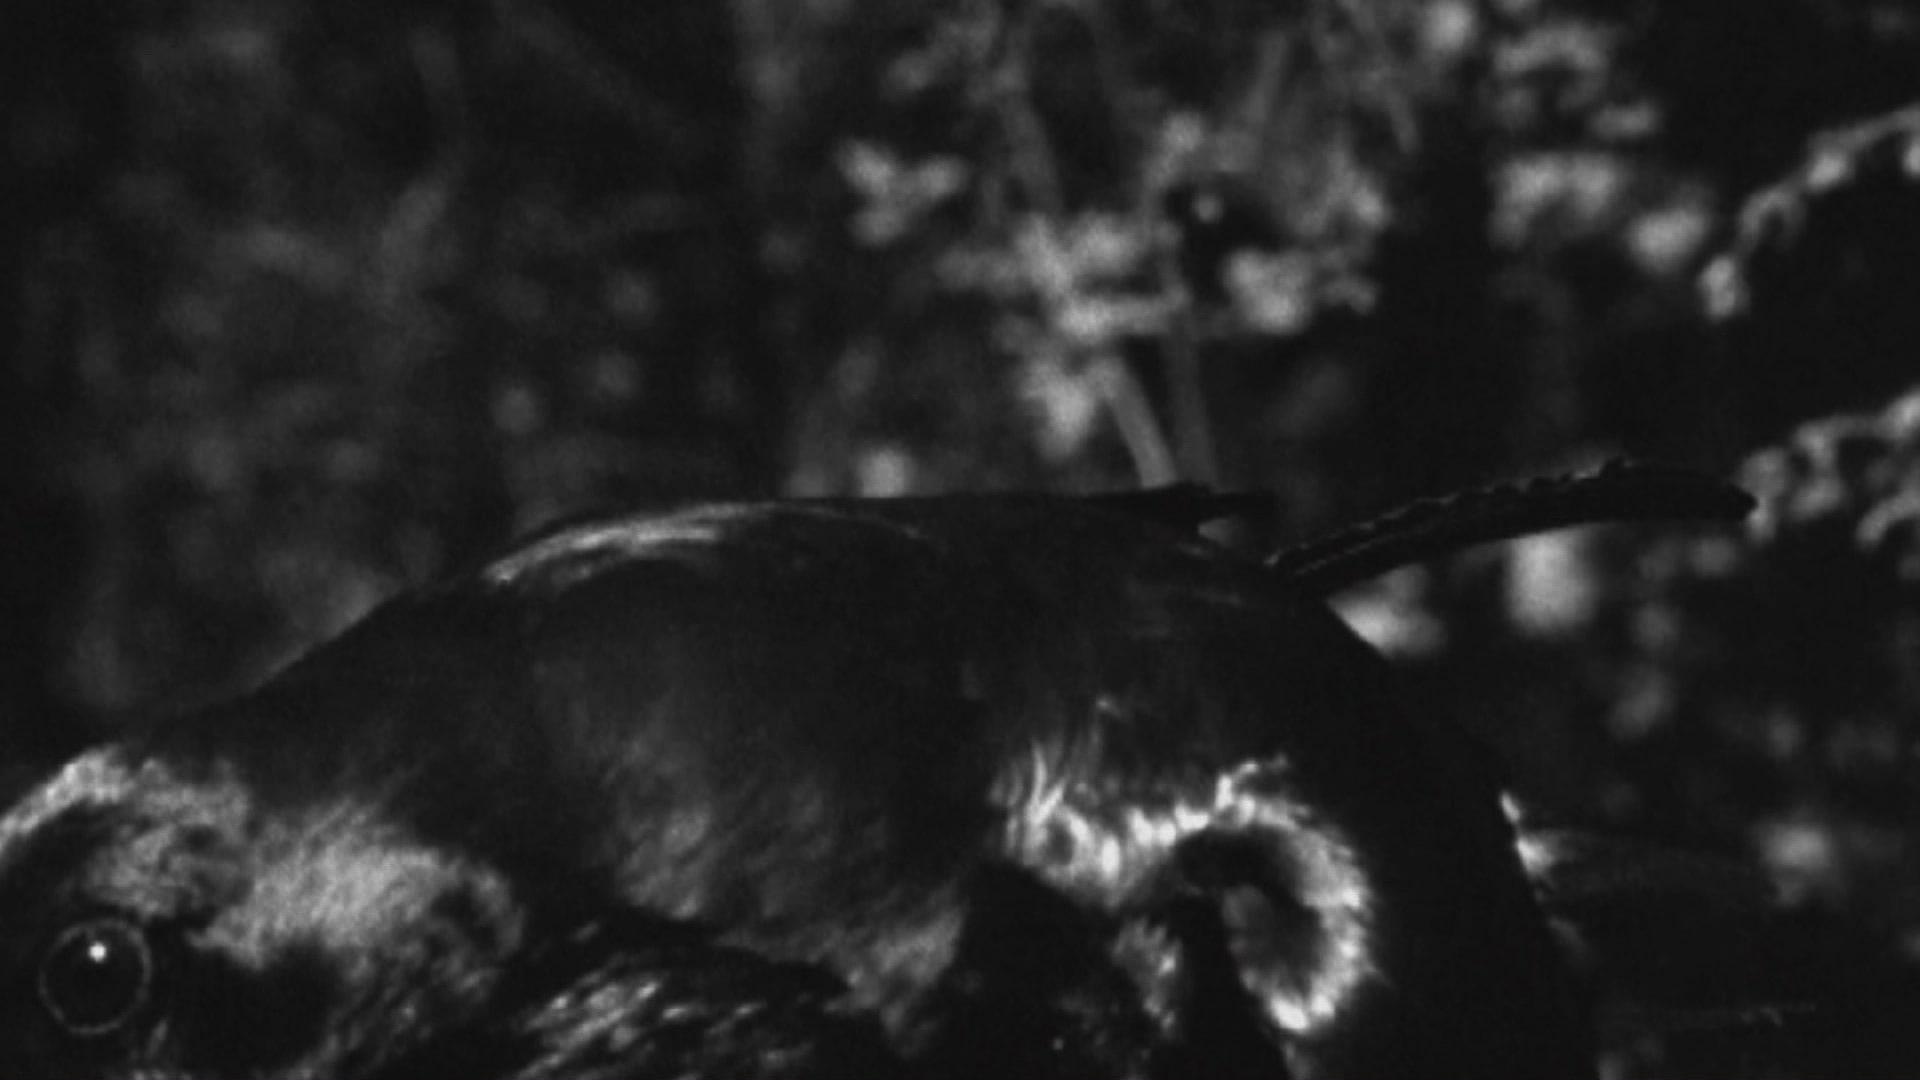 Peter Conrad Beyer LE RÊVE // dt. DER TRAUM Experimentalfilm, 8:30 min, Super 16mm/DSLR, Farbe und S/W, Sound/Stereo, Deutschland 2019